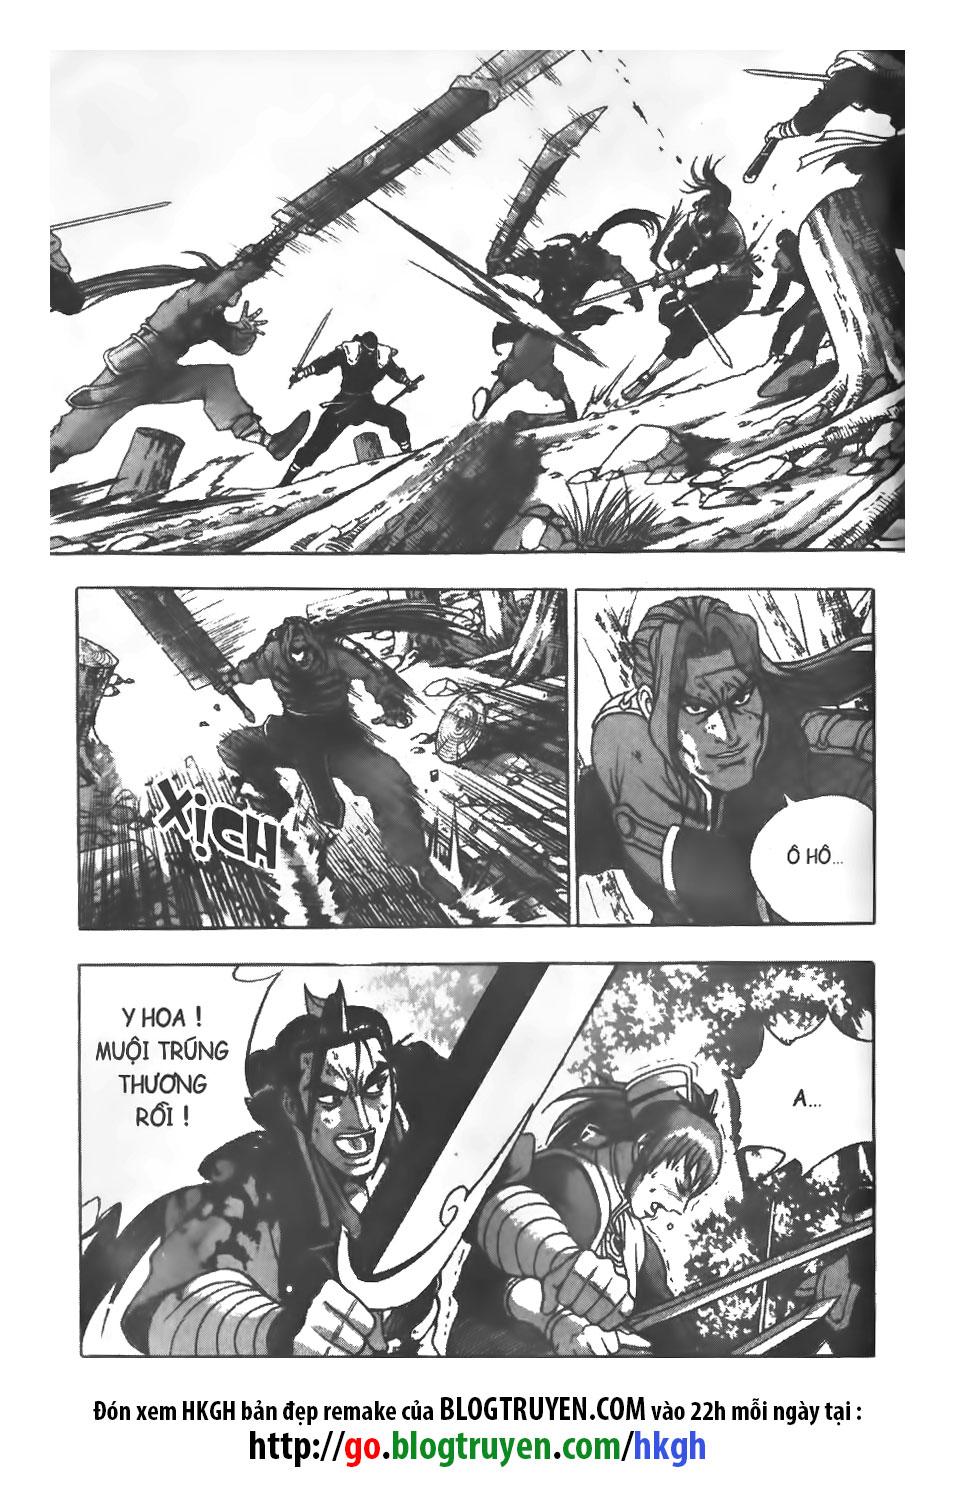 xem truyen moi - Hiệp Khách Giang Hồ Vol38 - Chap 260 - Remake